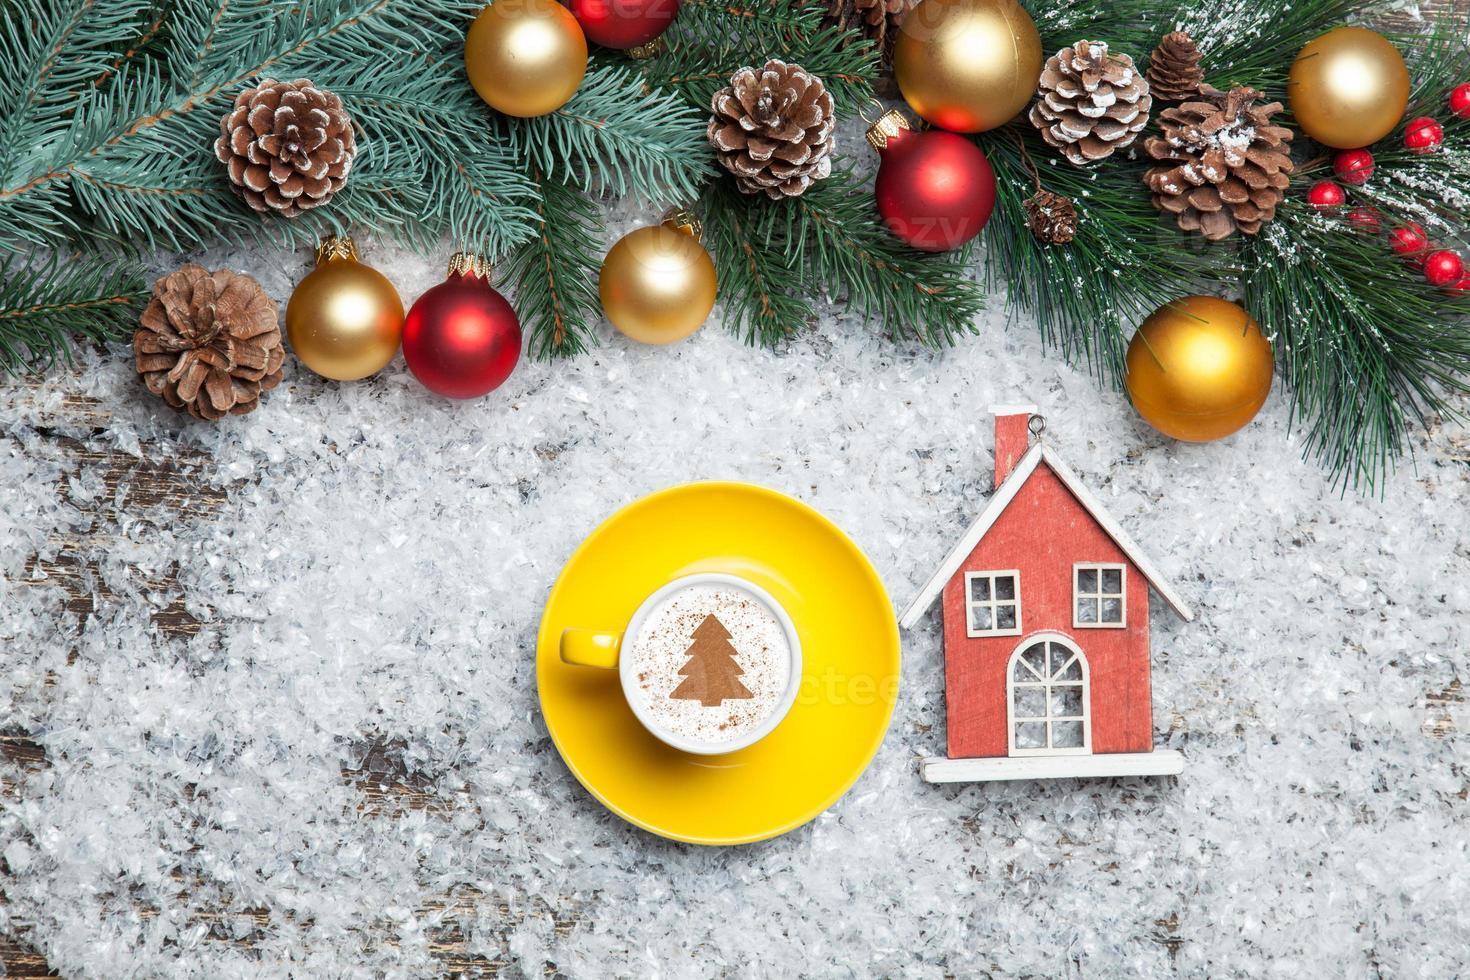 cappuccino com forma de árvore de Natal e brinquedo em casa na artificial foto